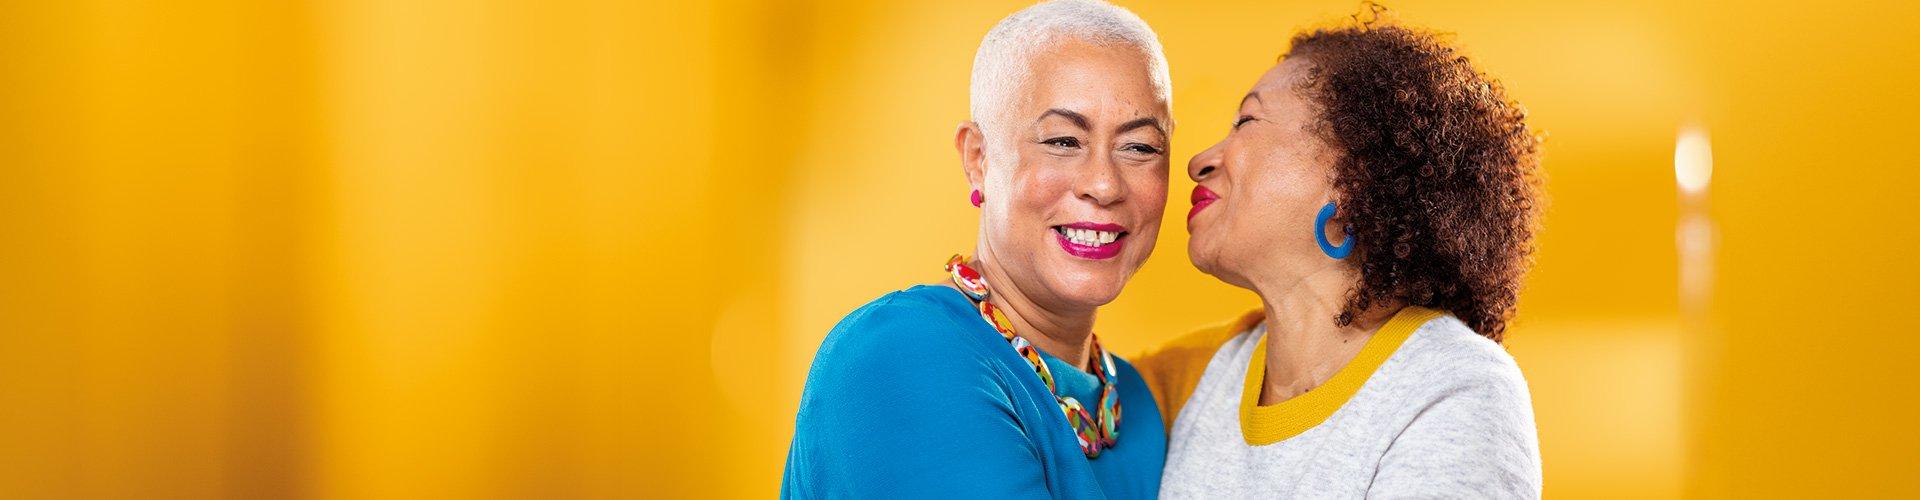 お互いの話を聞く2人の女性。 Philips HearLink補聴器を装用することで、難聴があっても引き続き、相手の声に耳を傾けられます。